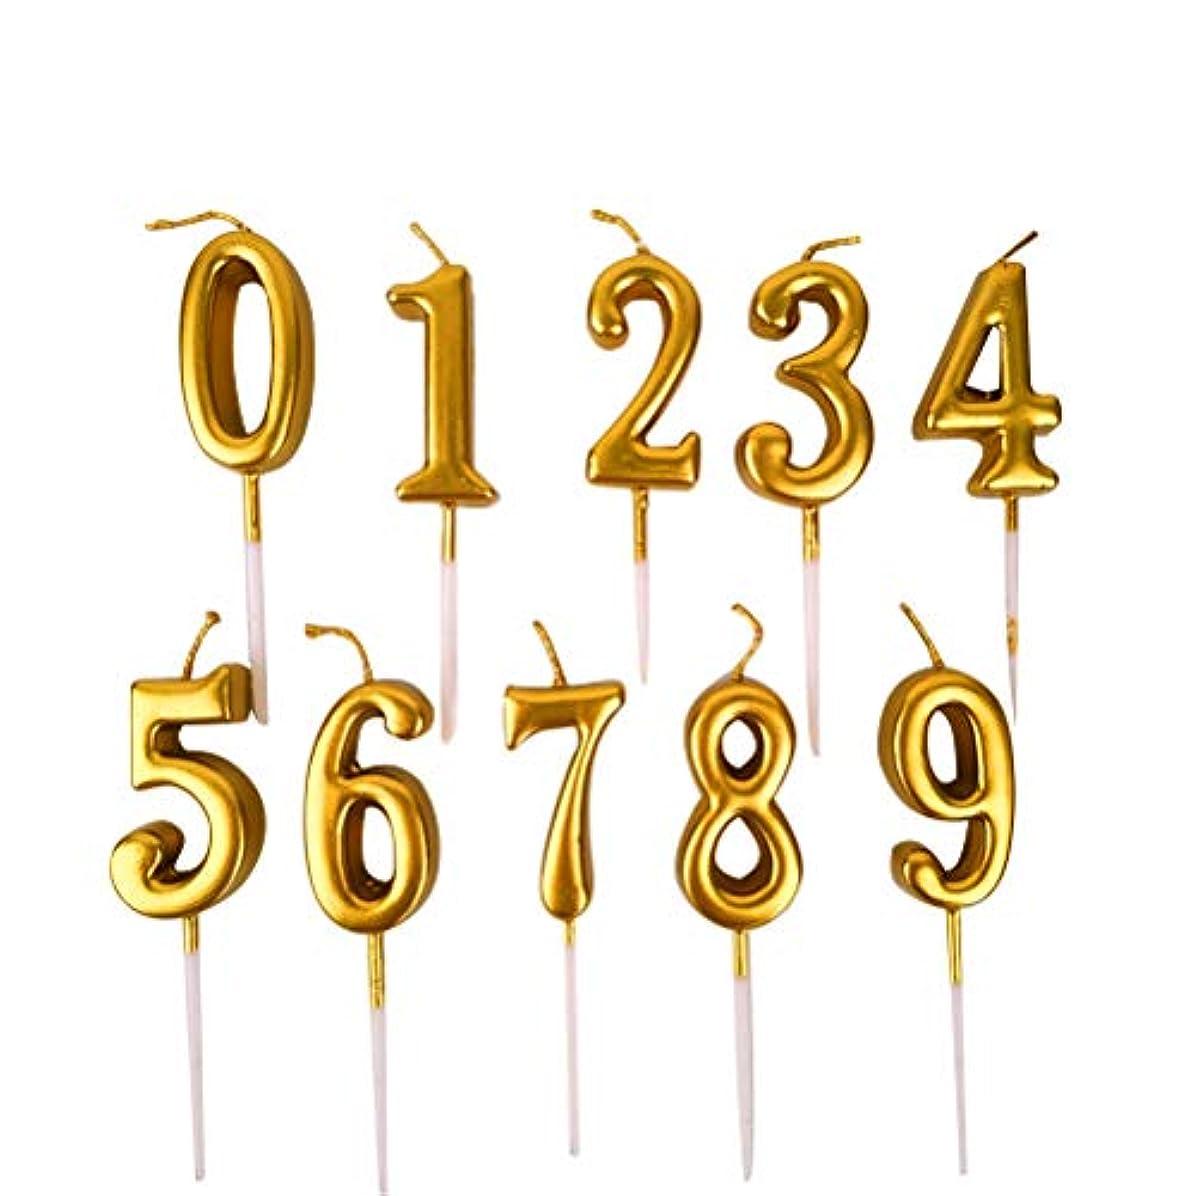 やさしいベイビー買い物に行くNUOBESTY 誕生日数字キャンドル、10ピース番号0-9グリッターケーキトッパー装飾用誕生日パーティーの好意